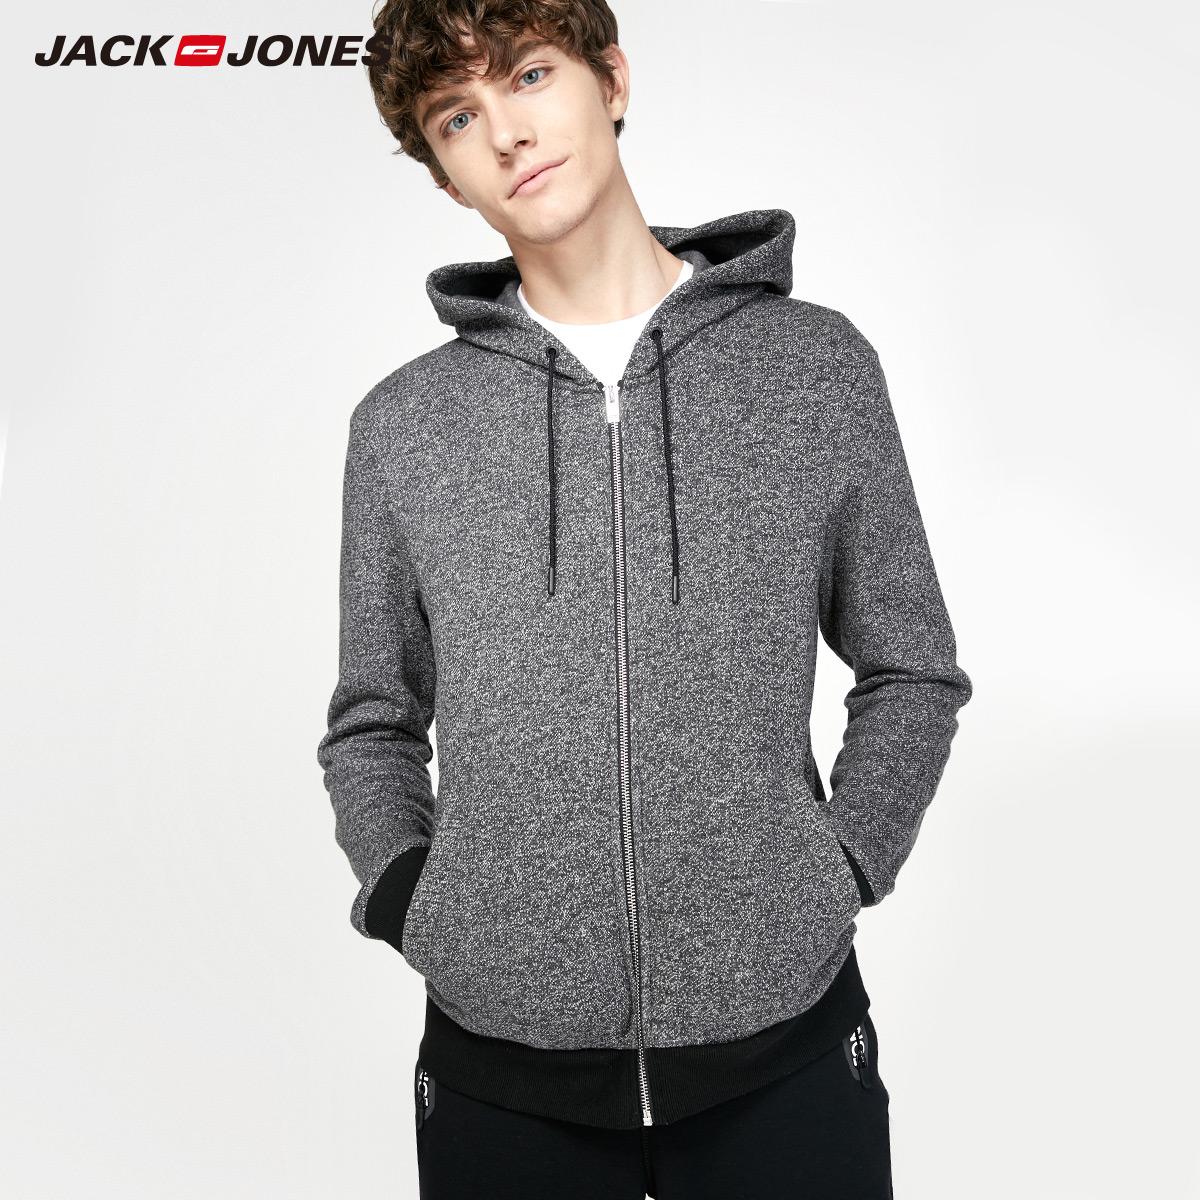 JackJones джек агат этот мужской весна студент движение любители молния кардиган закрытый серый свитер пальто